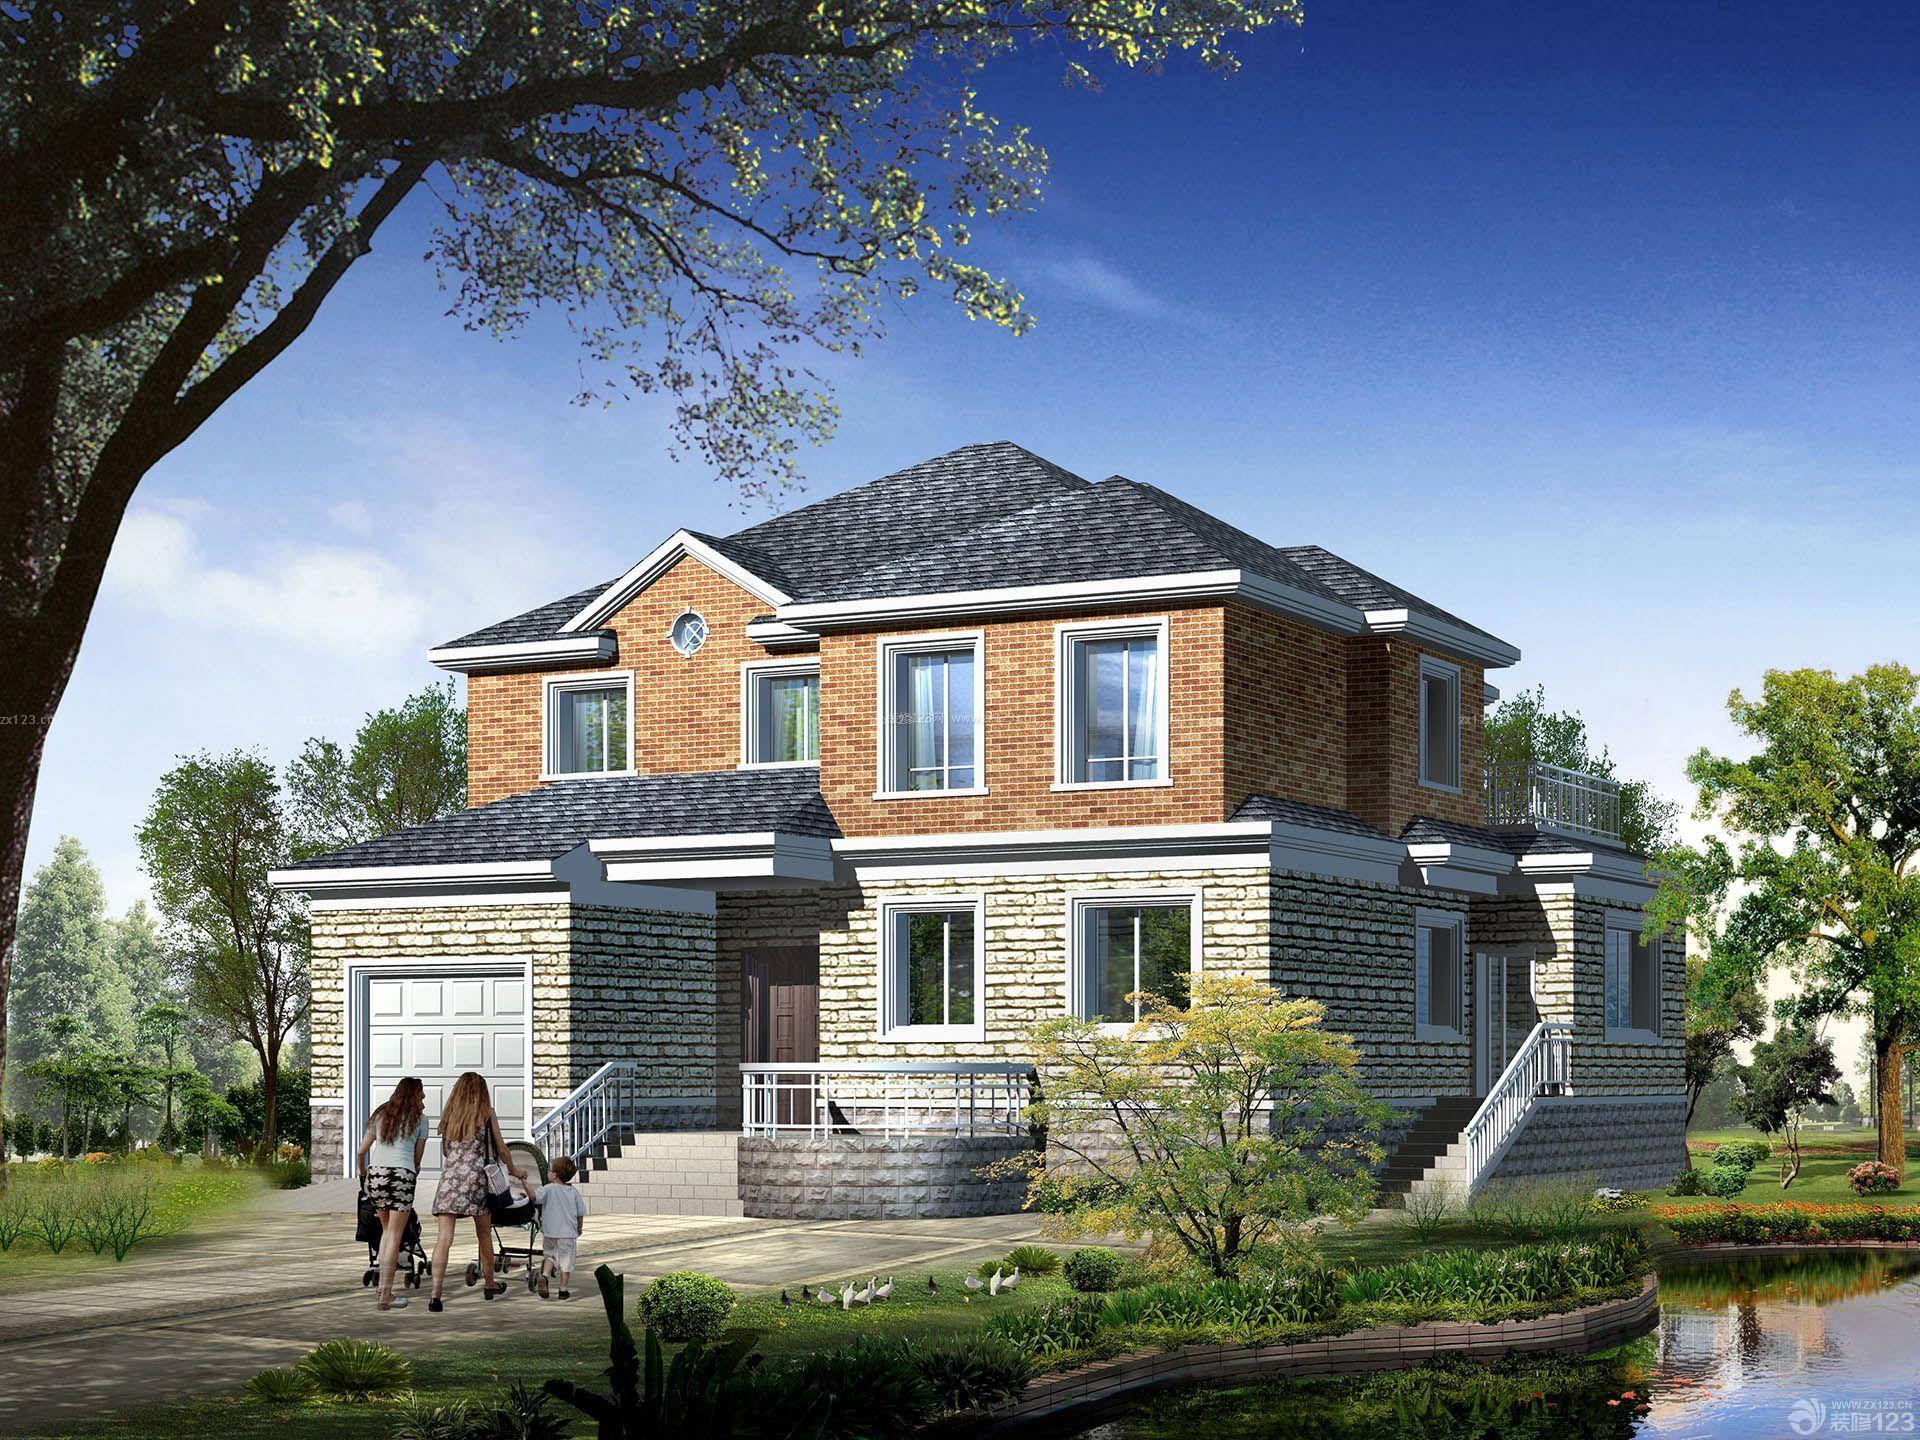 别墅外观围墙设计效果图_装修123 1444x963 - 208kb - jpeg 在 2019年